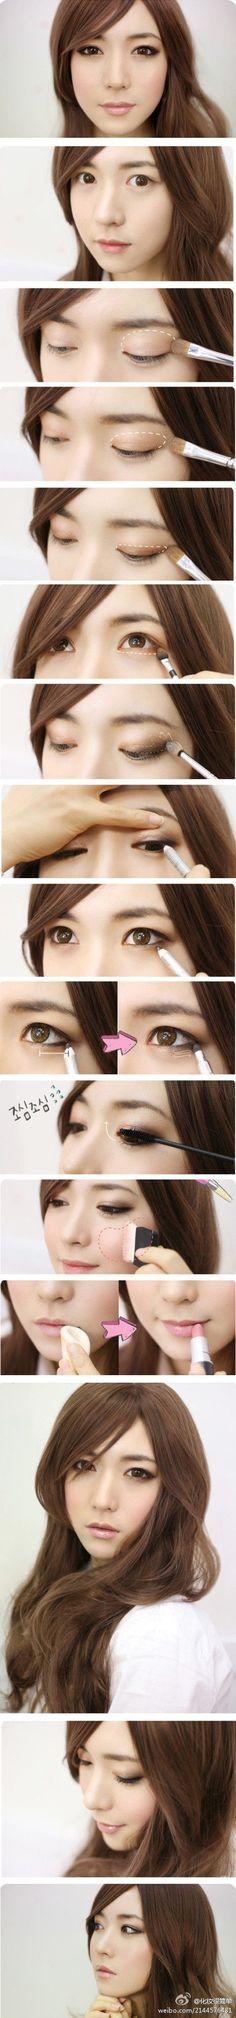 Best Asian makeup tutorials on http://pinmakeuptips.com/top-asian-makeup-tips-at-one-place/